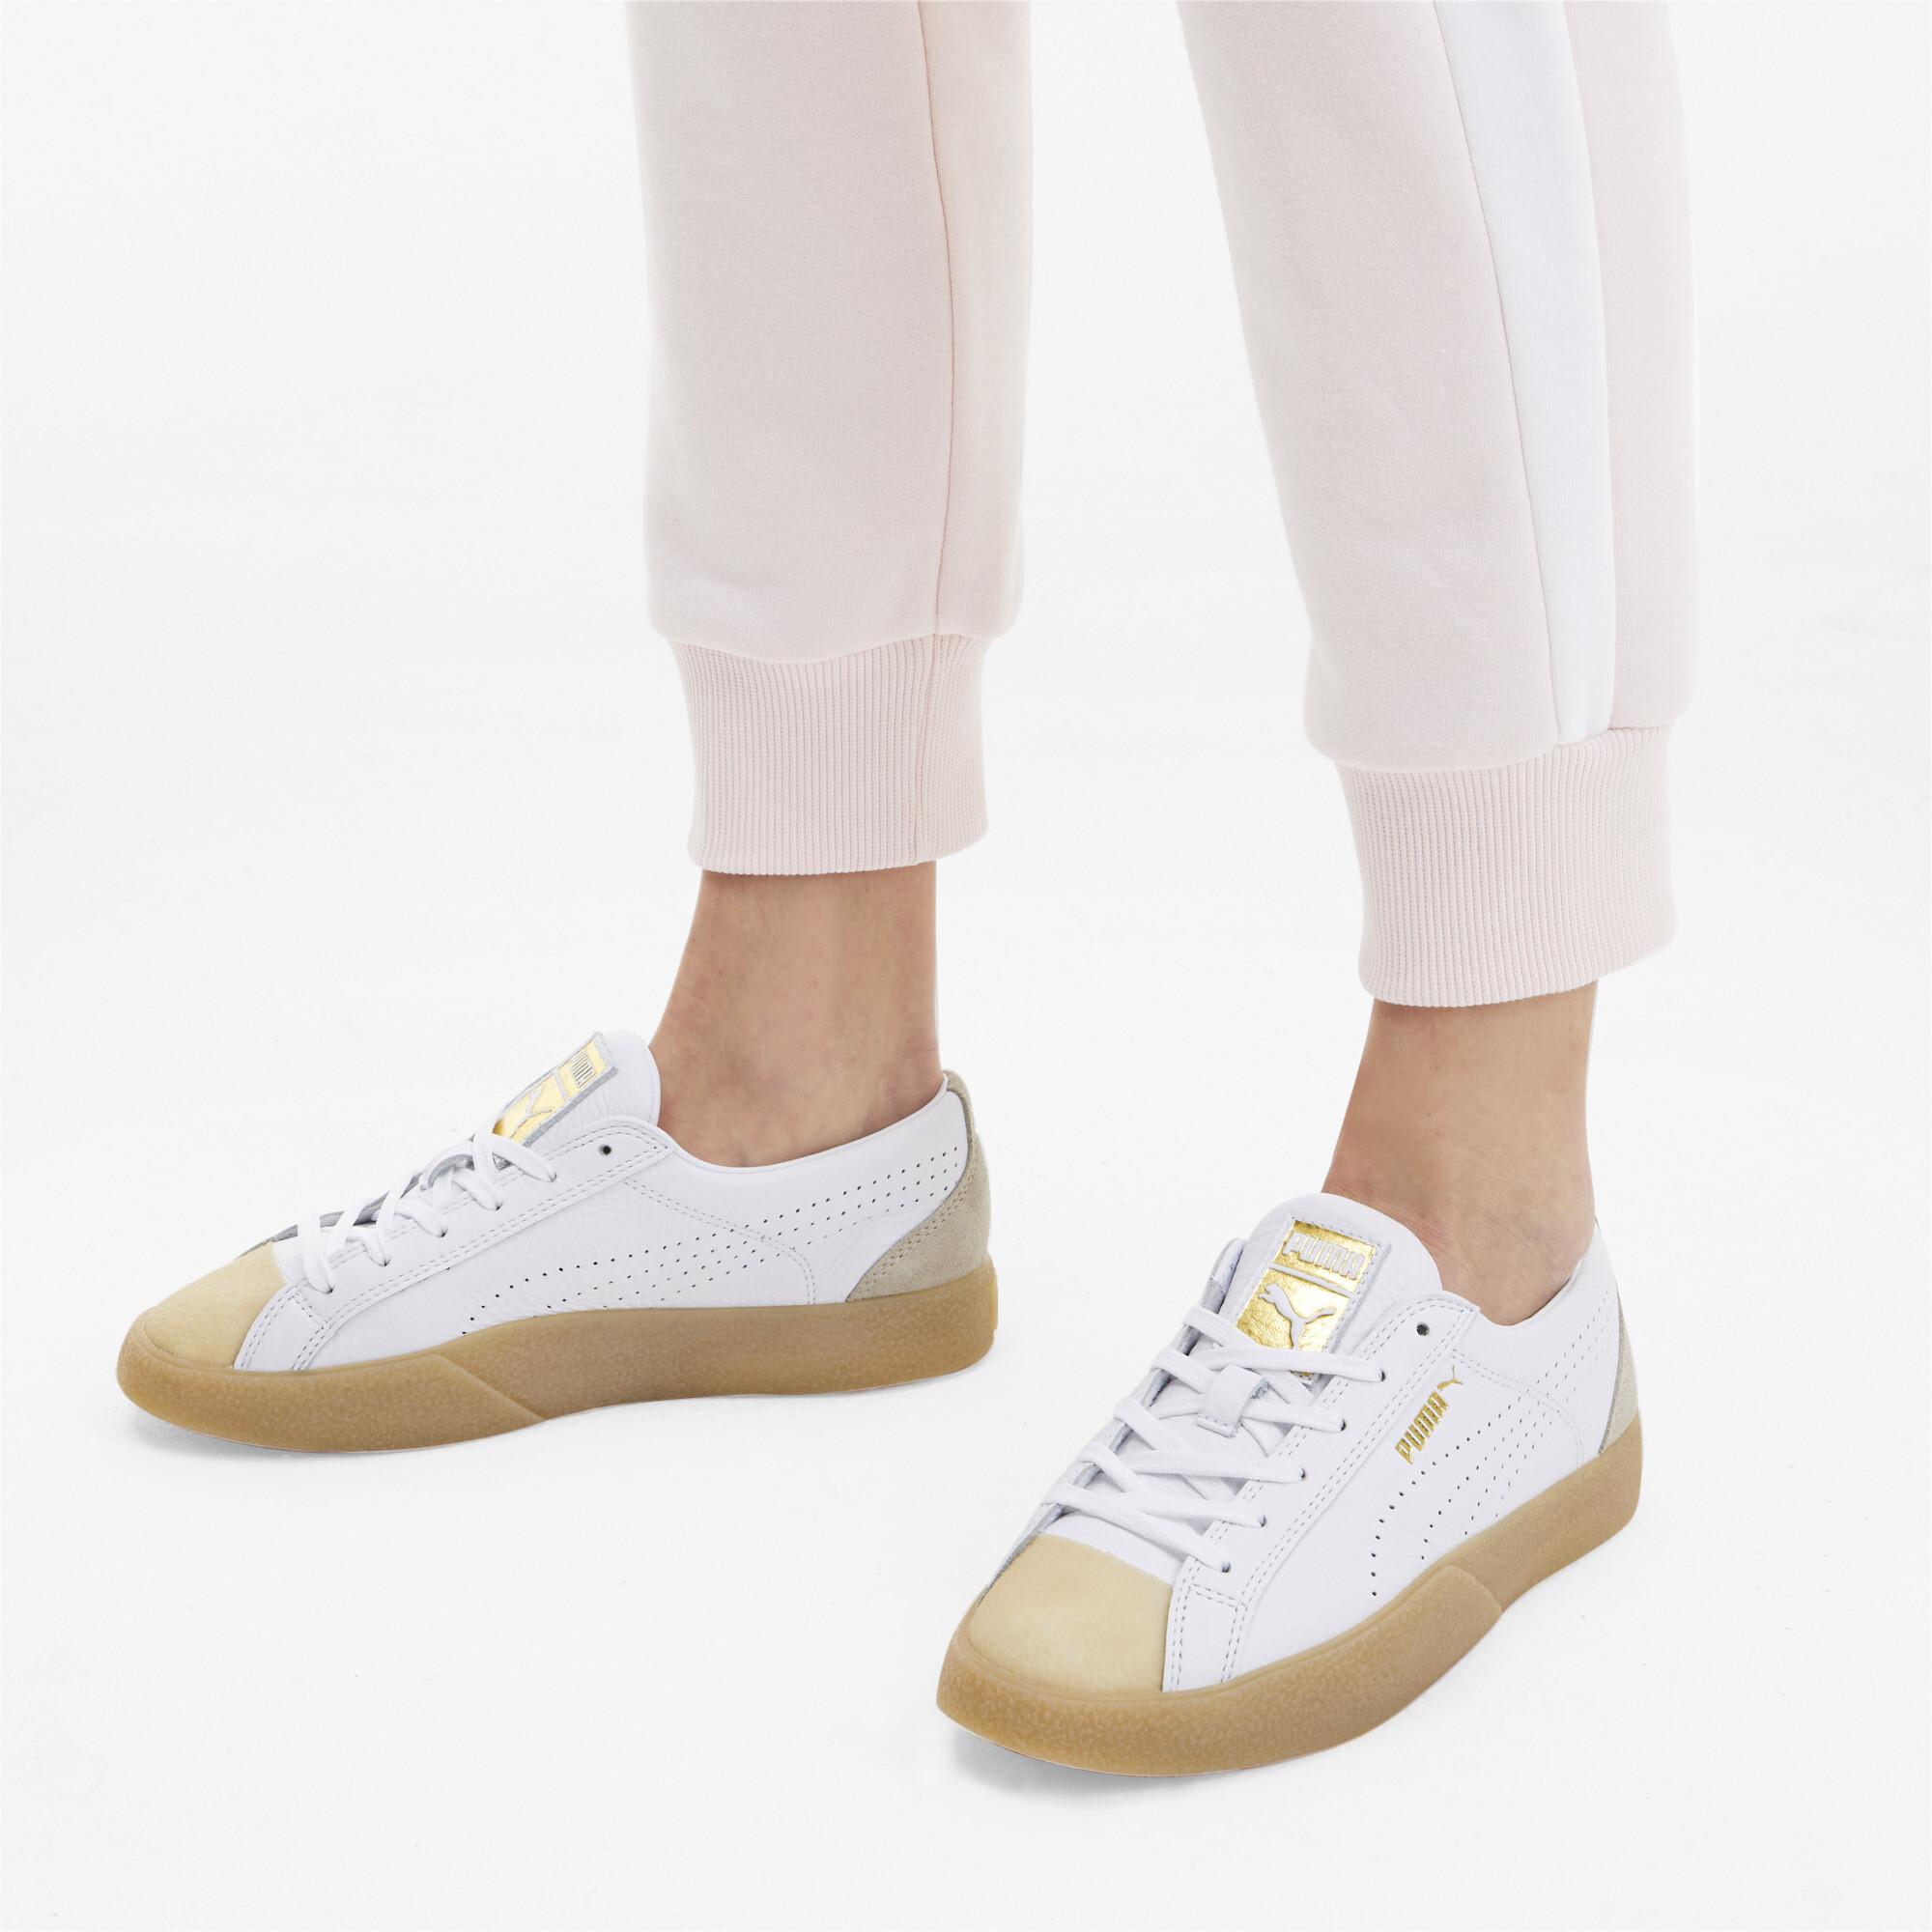 PUMA-Women-039-s-Love-Grand-Slam-Sneakers thumbnail 5